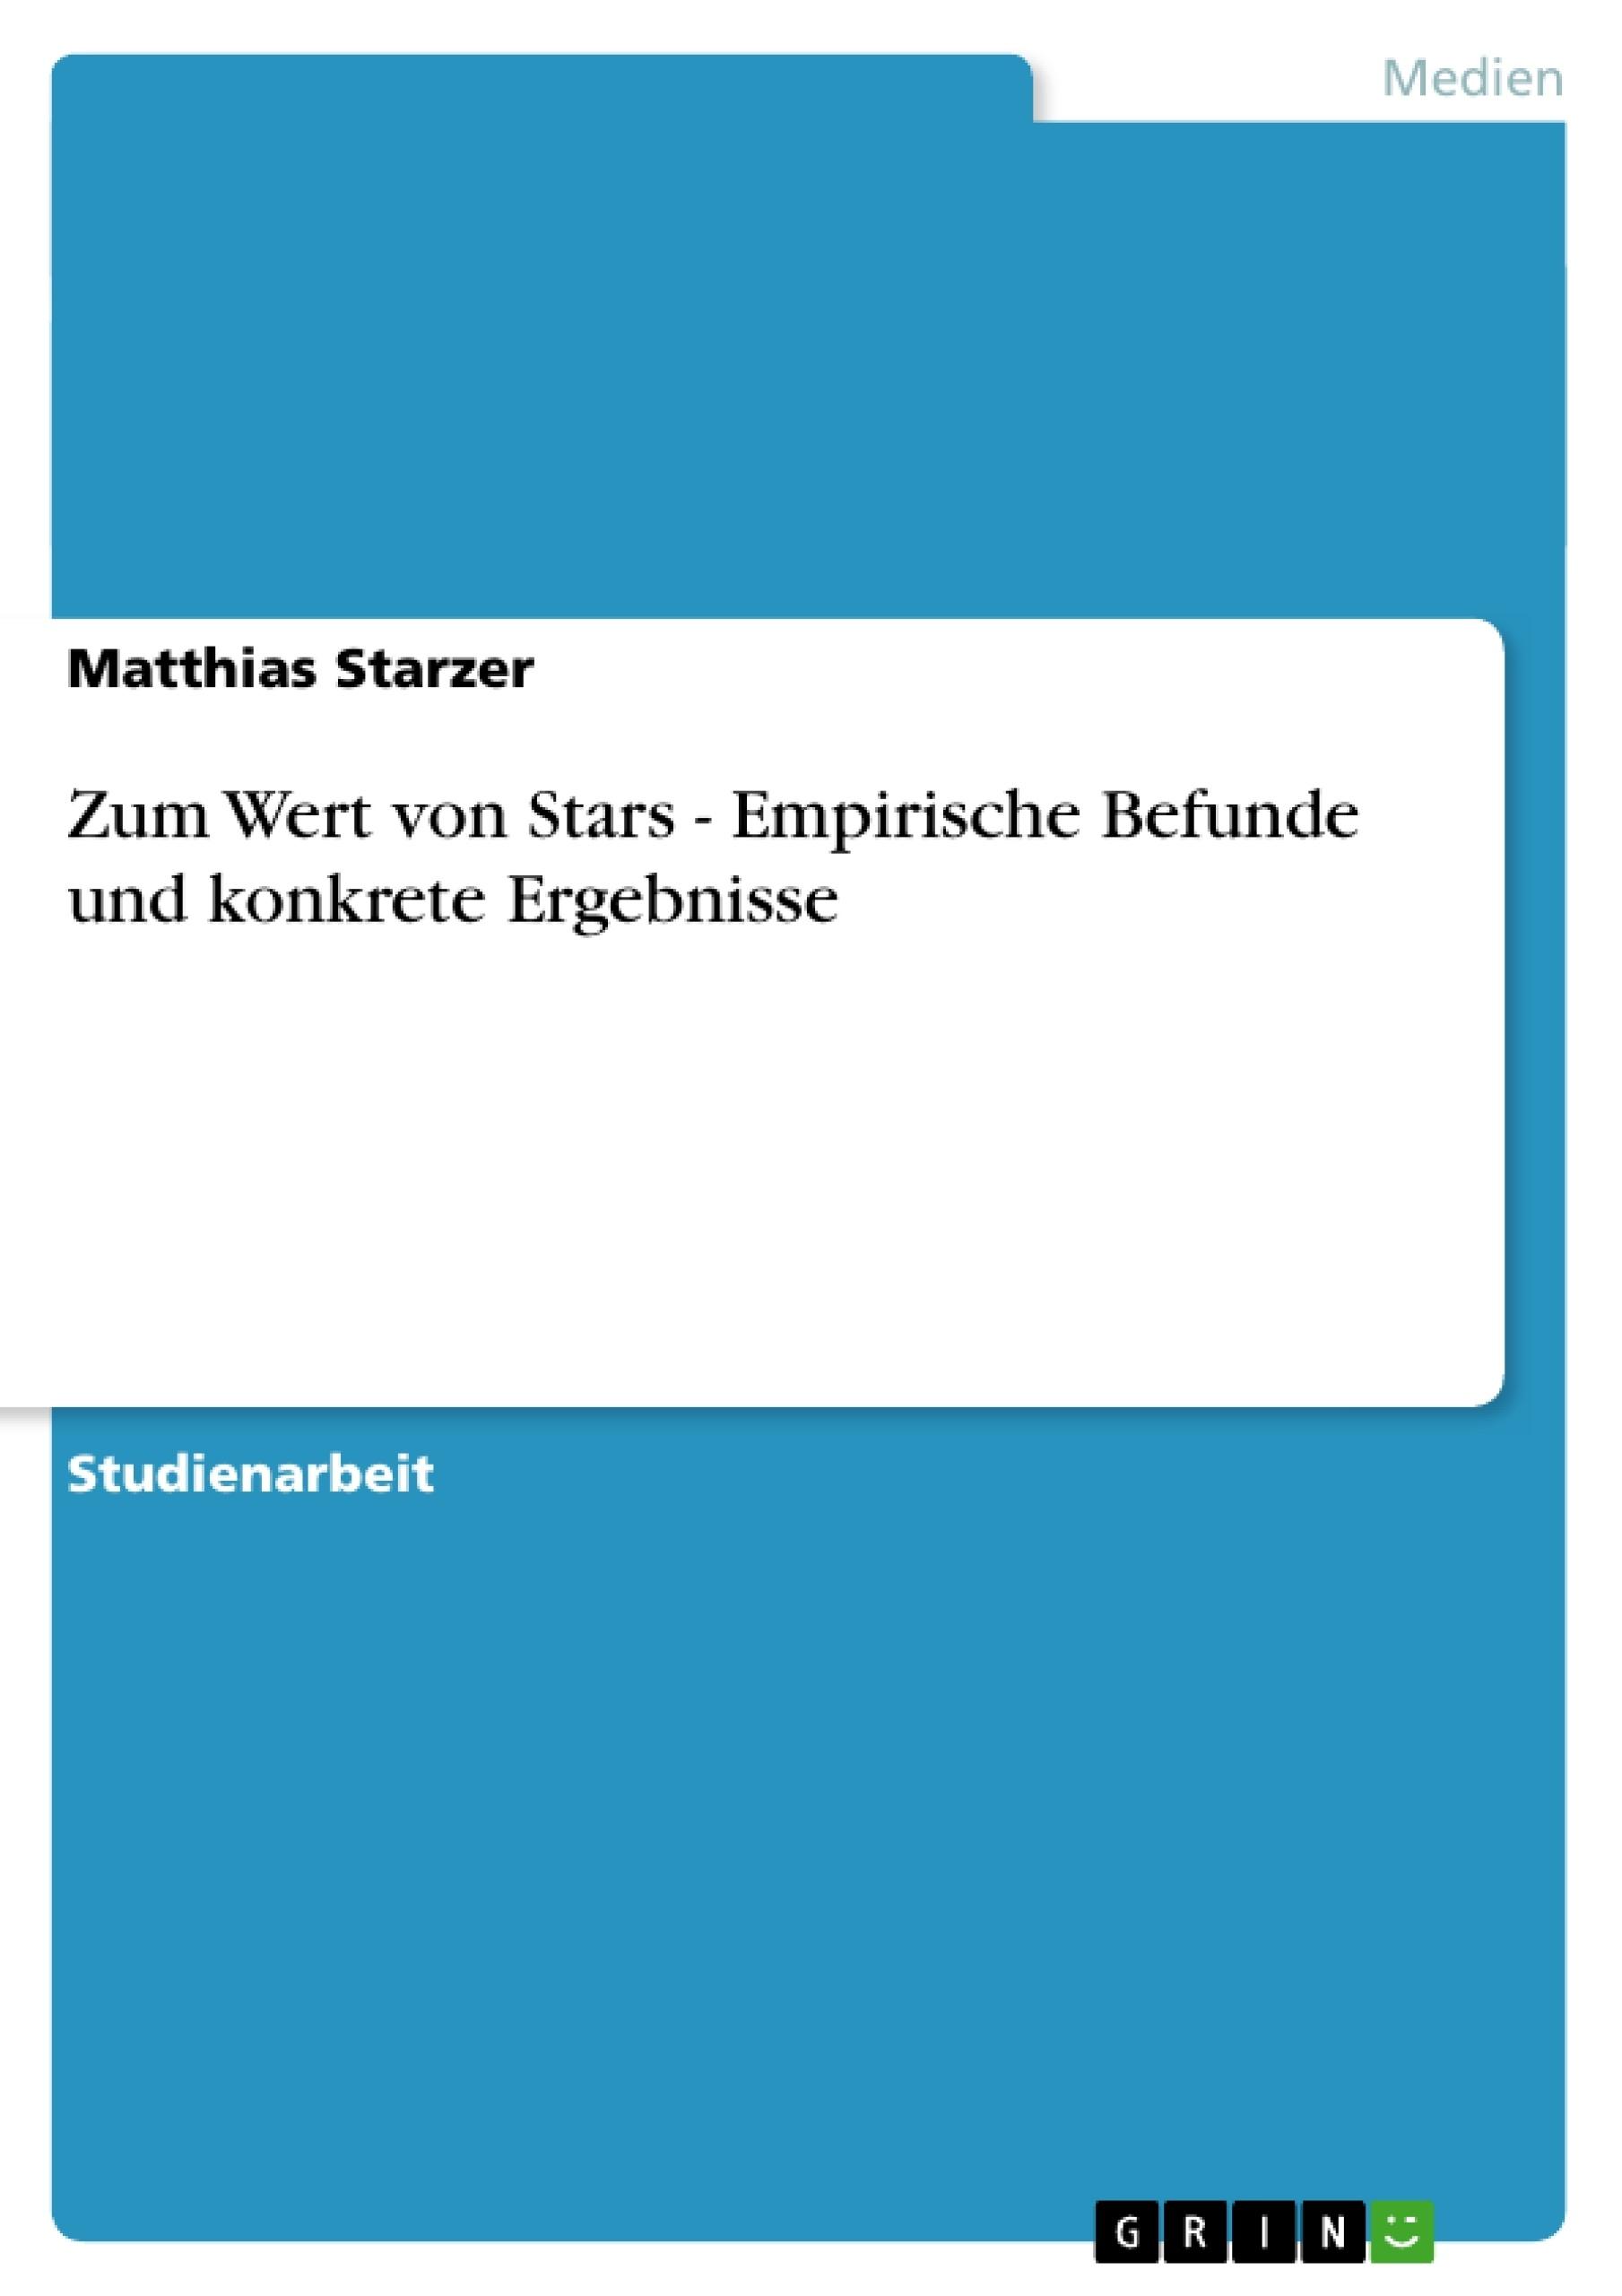 Titel: Zum Wert von Stars - Empirische Befunde und konkrete Ergebnisse